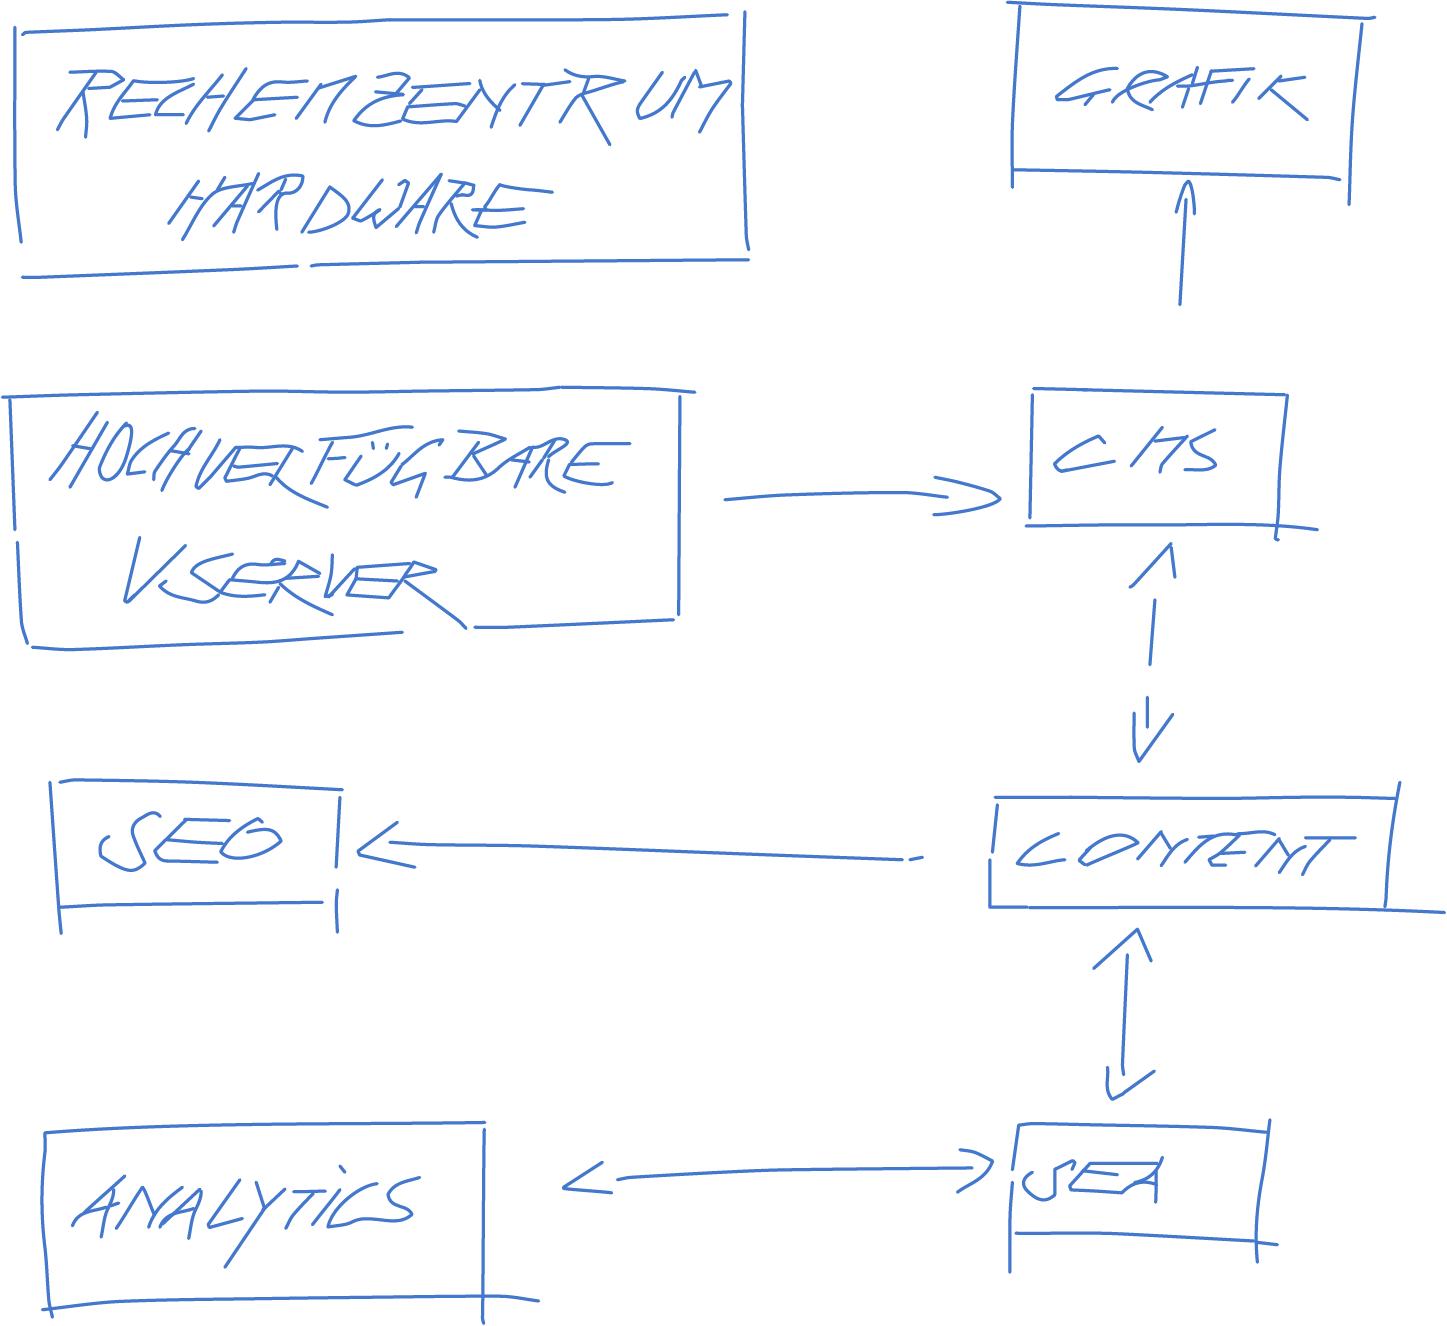 Für ein Webprojekt fließen mehrere Komponenten zusammen: Hardware, Software (vServer), CMS, SEO, Content, Analytics, SEO, SEA.